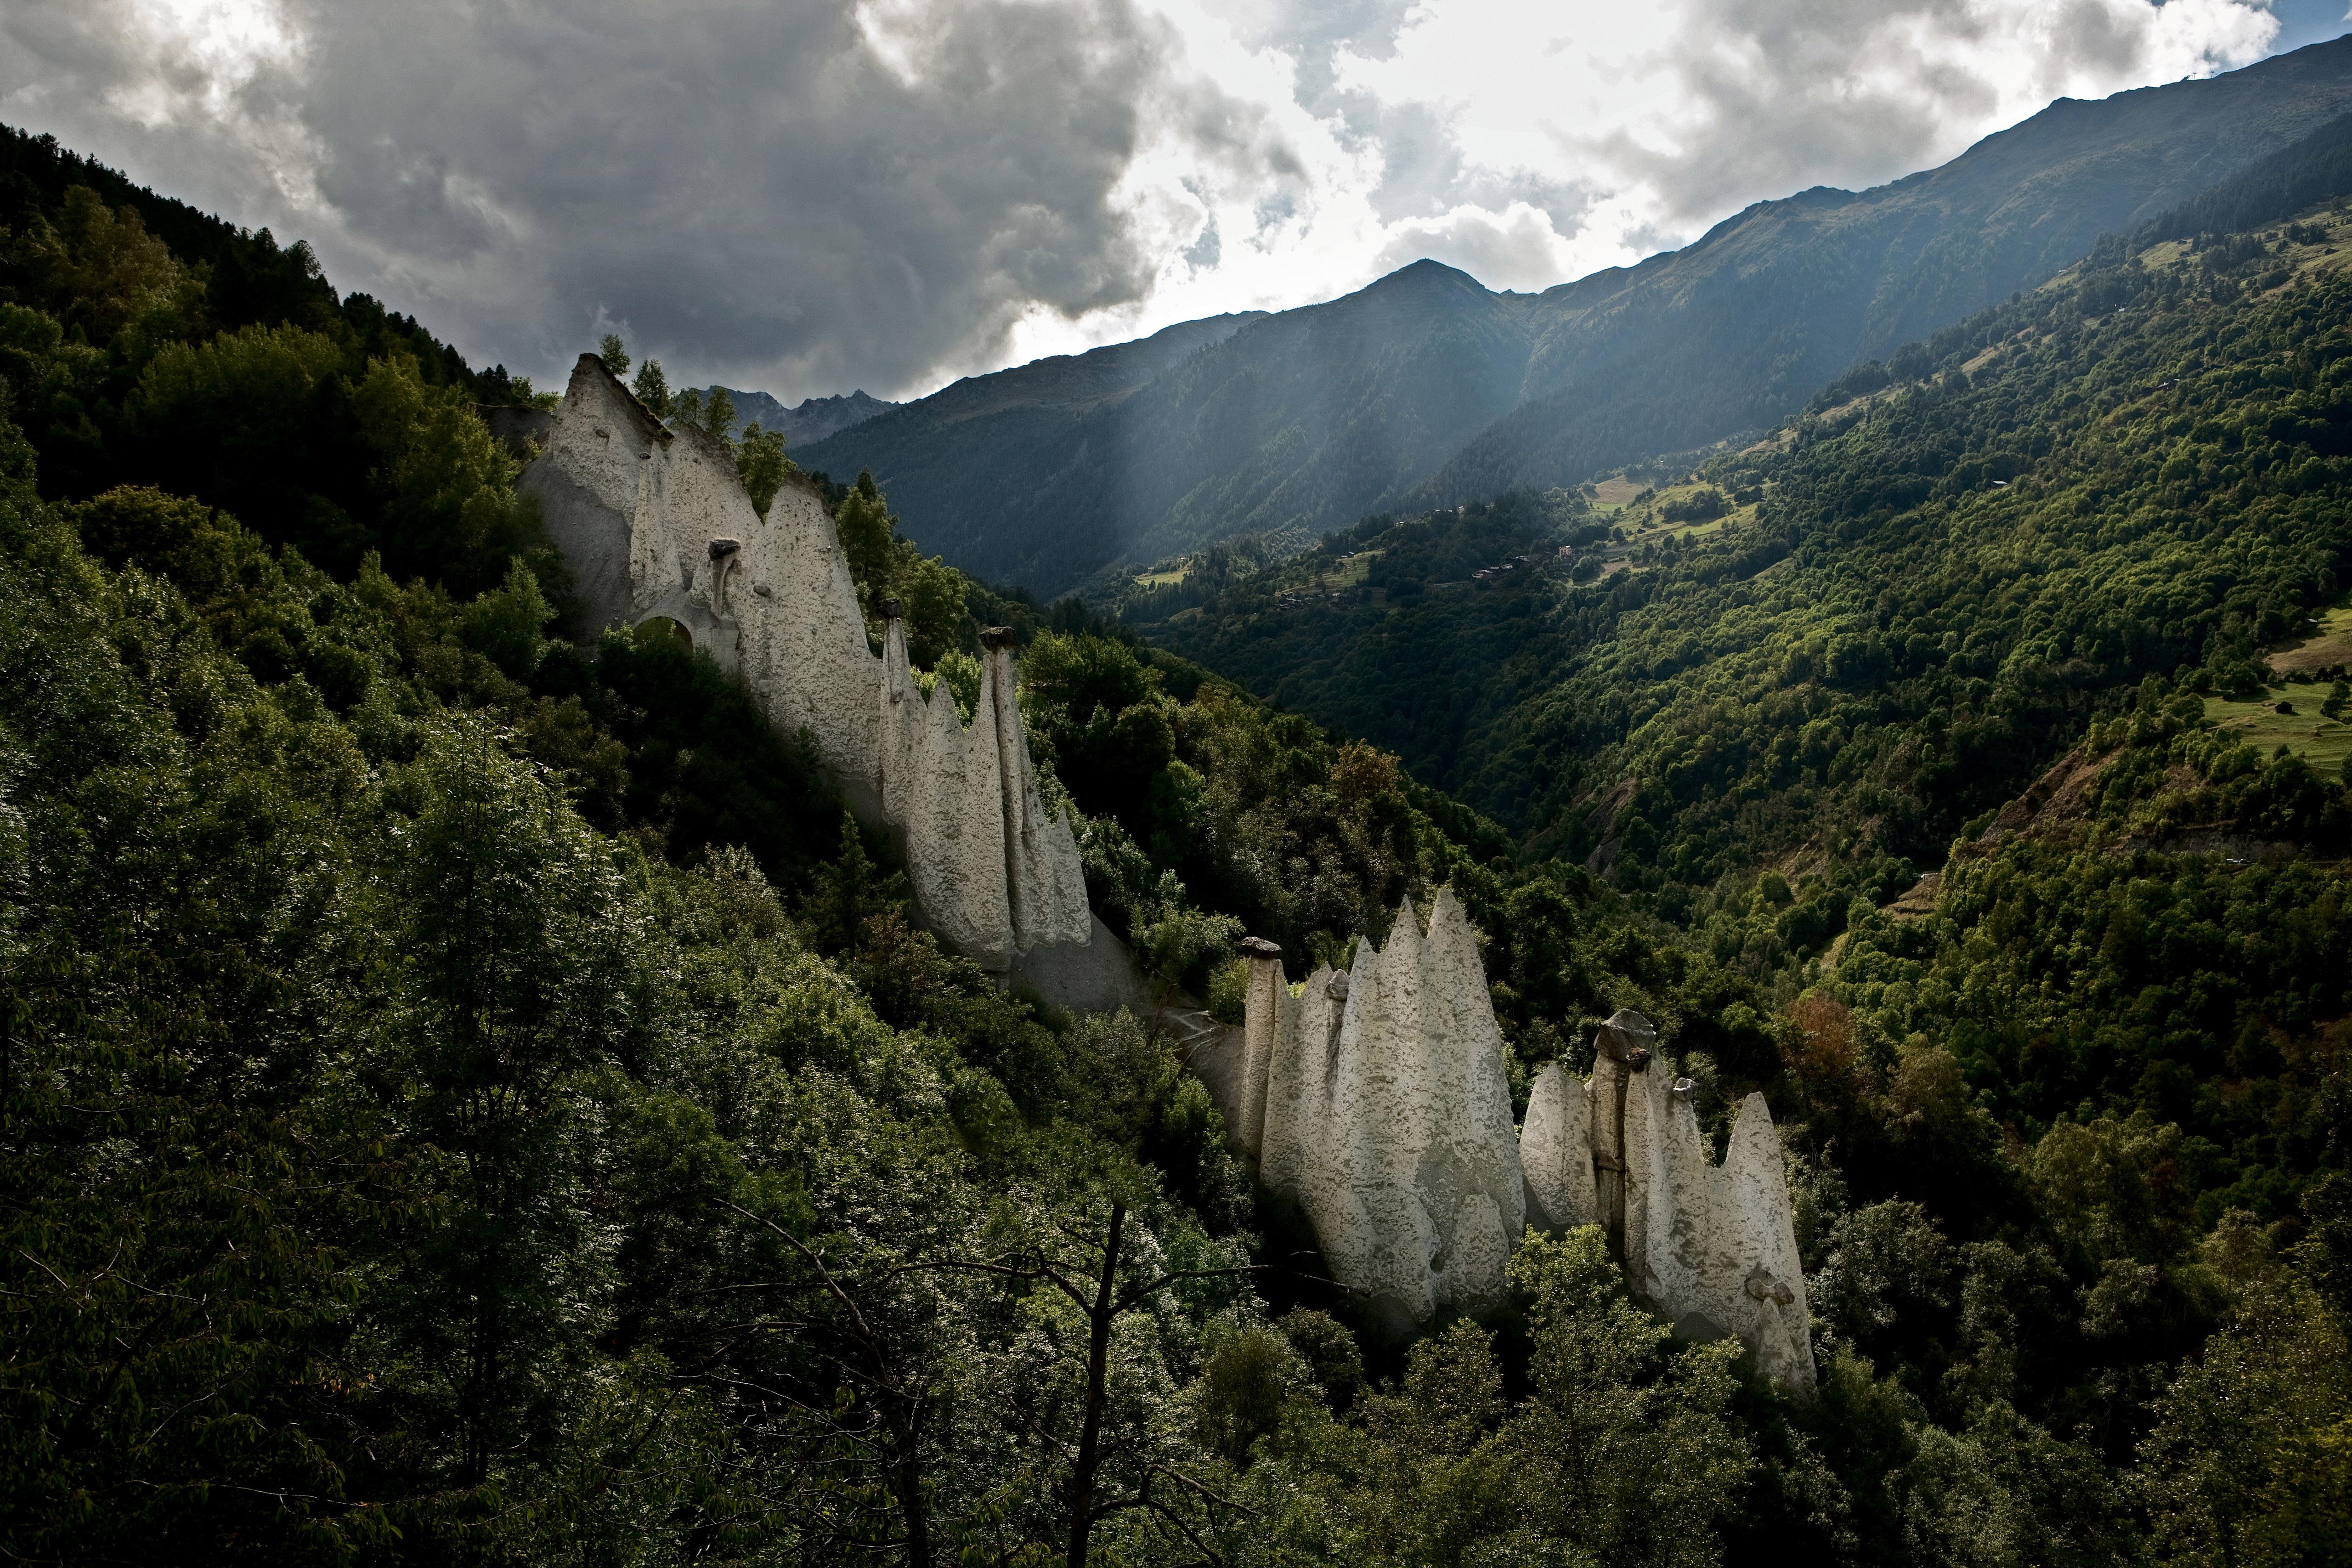 Les plus belles gorges naturelles de Suisse - Gorges de la Borgne au val d'Hérens